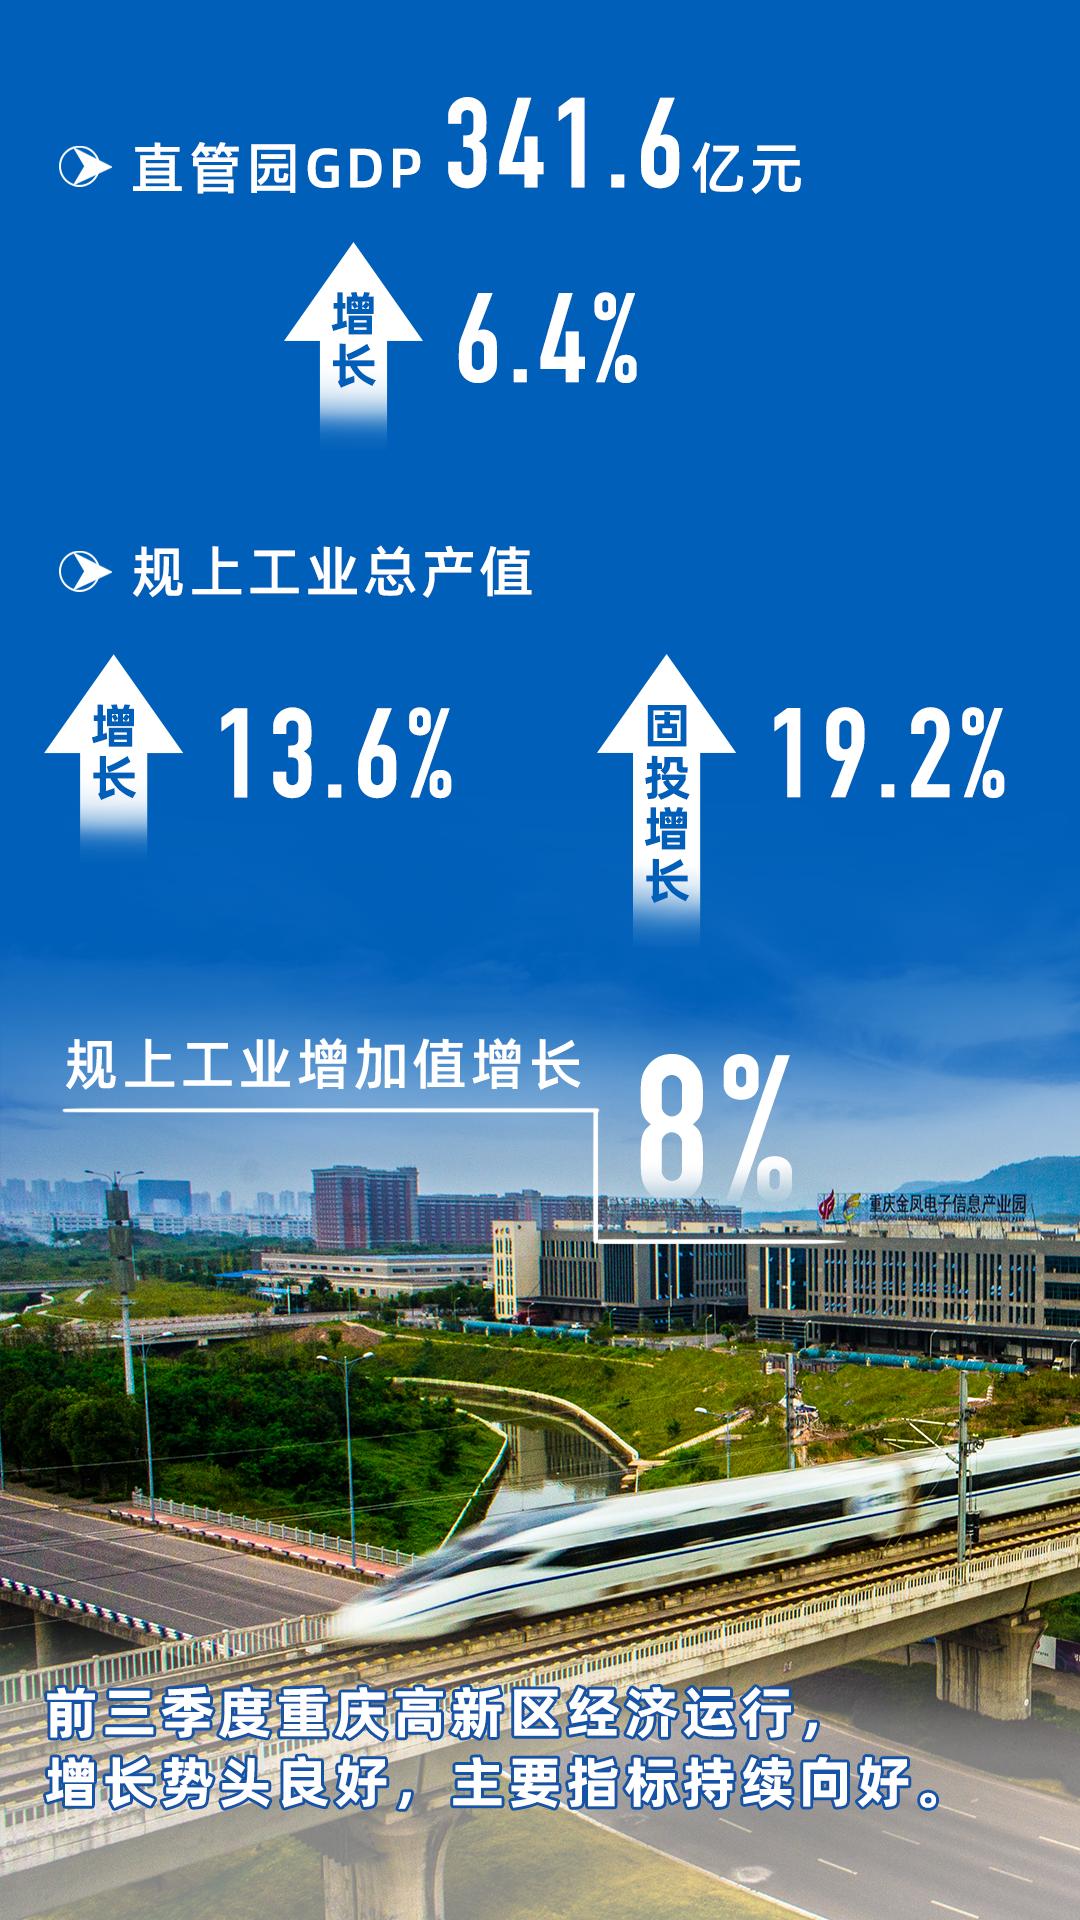 【看区县】重庆高新区第三季度经济数据来了,有哪些亮点?图片